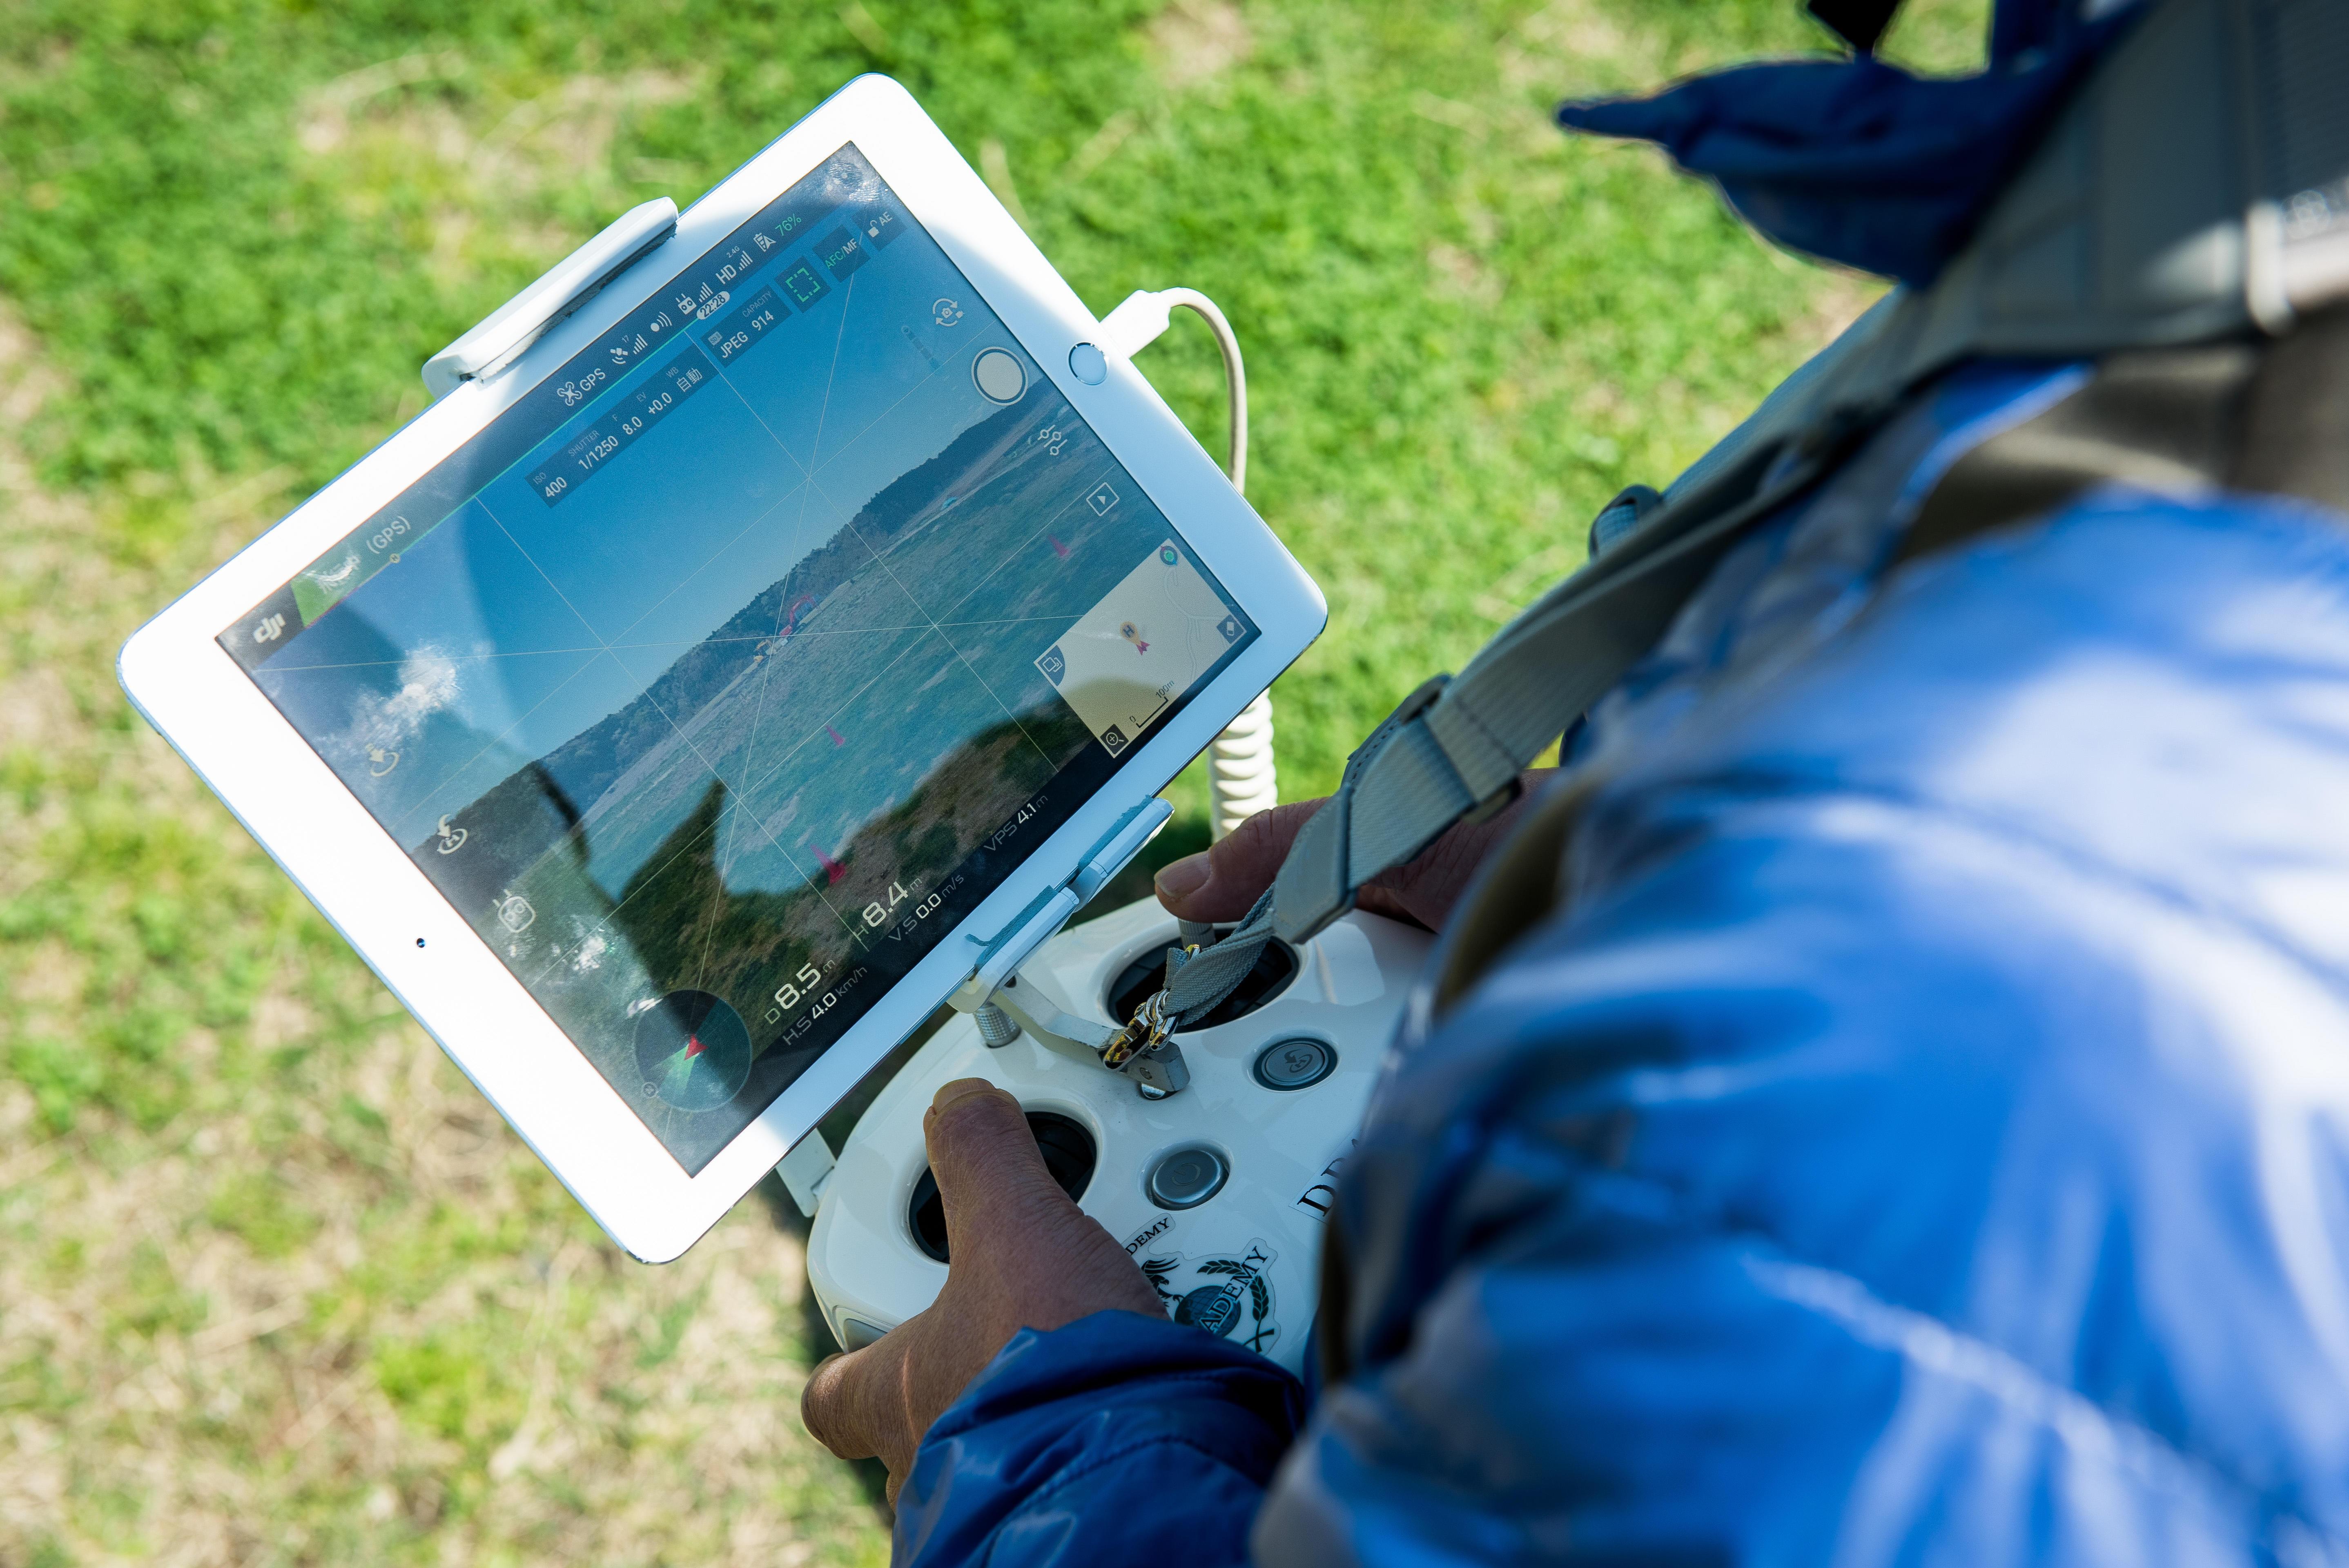 コントローラーからのWi-Fiや2.4GHz電波を使用